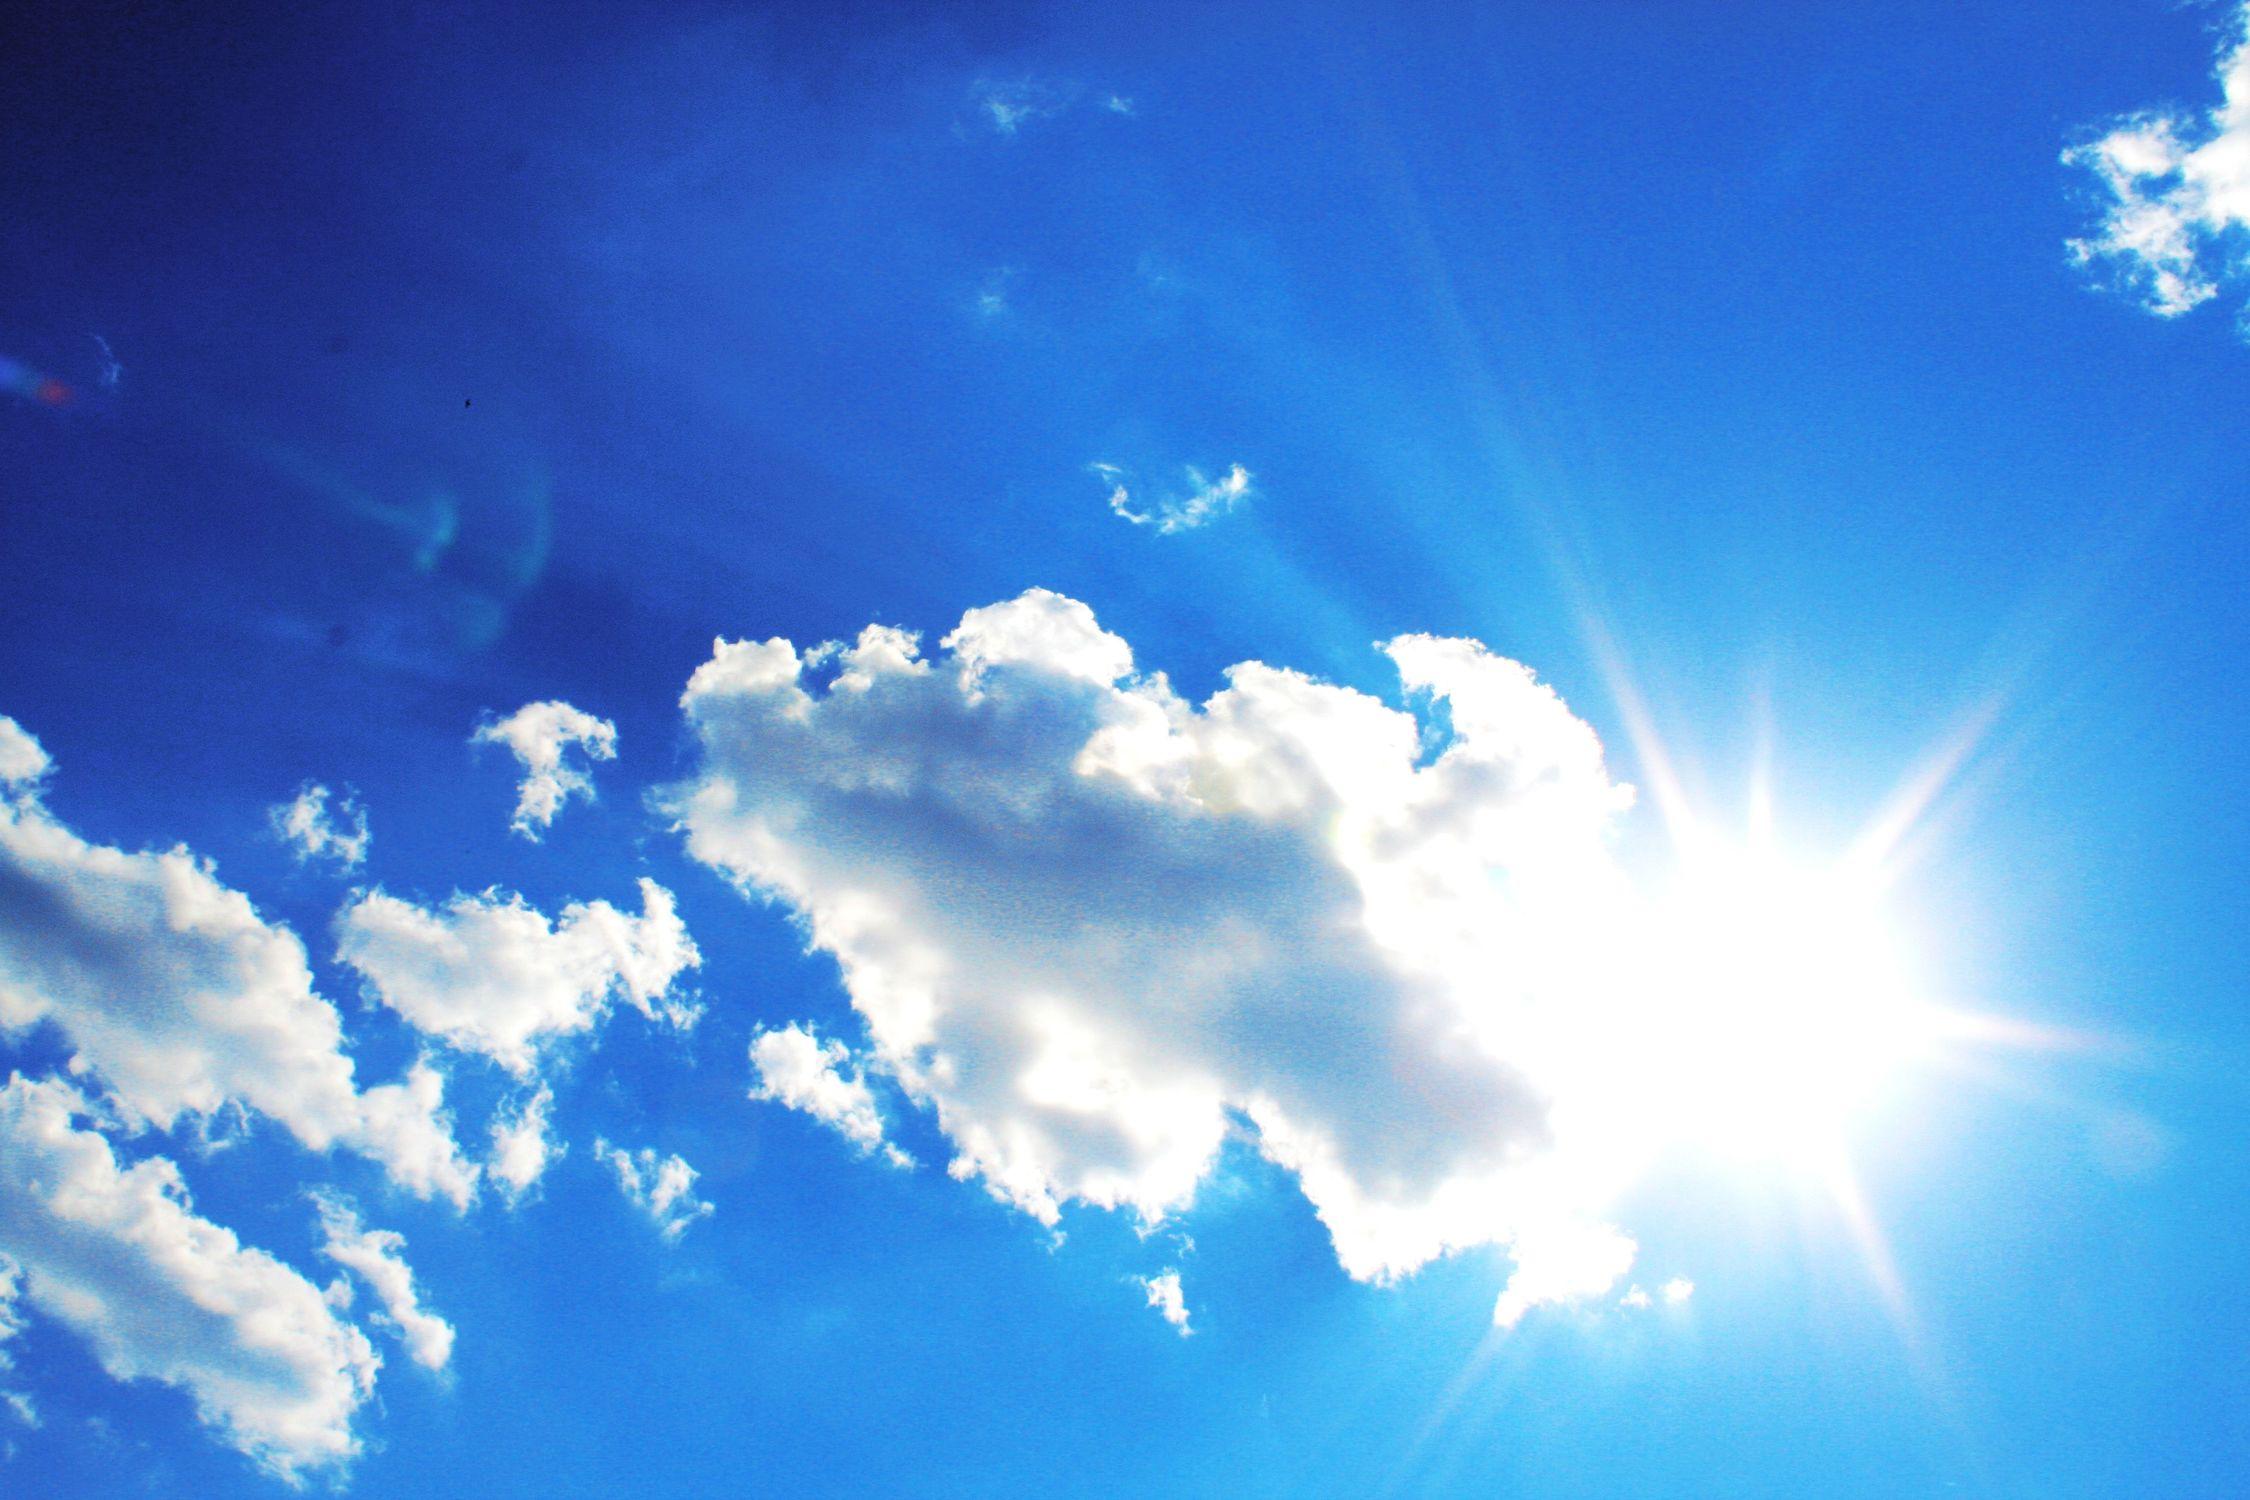 Bild mit Farben, Natur, Himmel, Wolken, Tageslicht, Blau, Azurblau, Sonne, Wolkenhimmel, Wolkengebilde, Sky, Blauer Himmel, Wolkenstruktur, Sky view, Himmelsblick, Wolkenblick